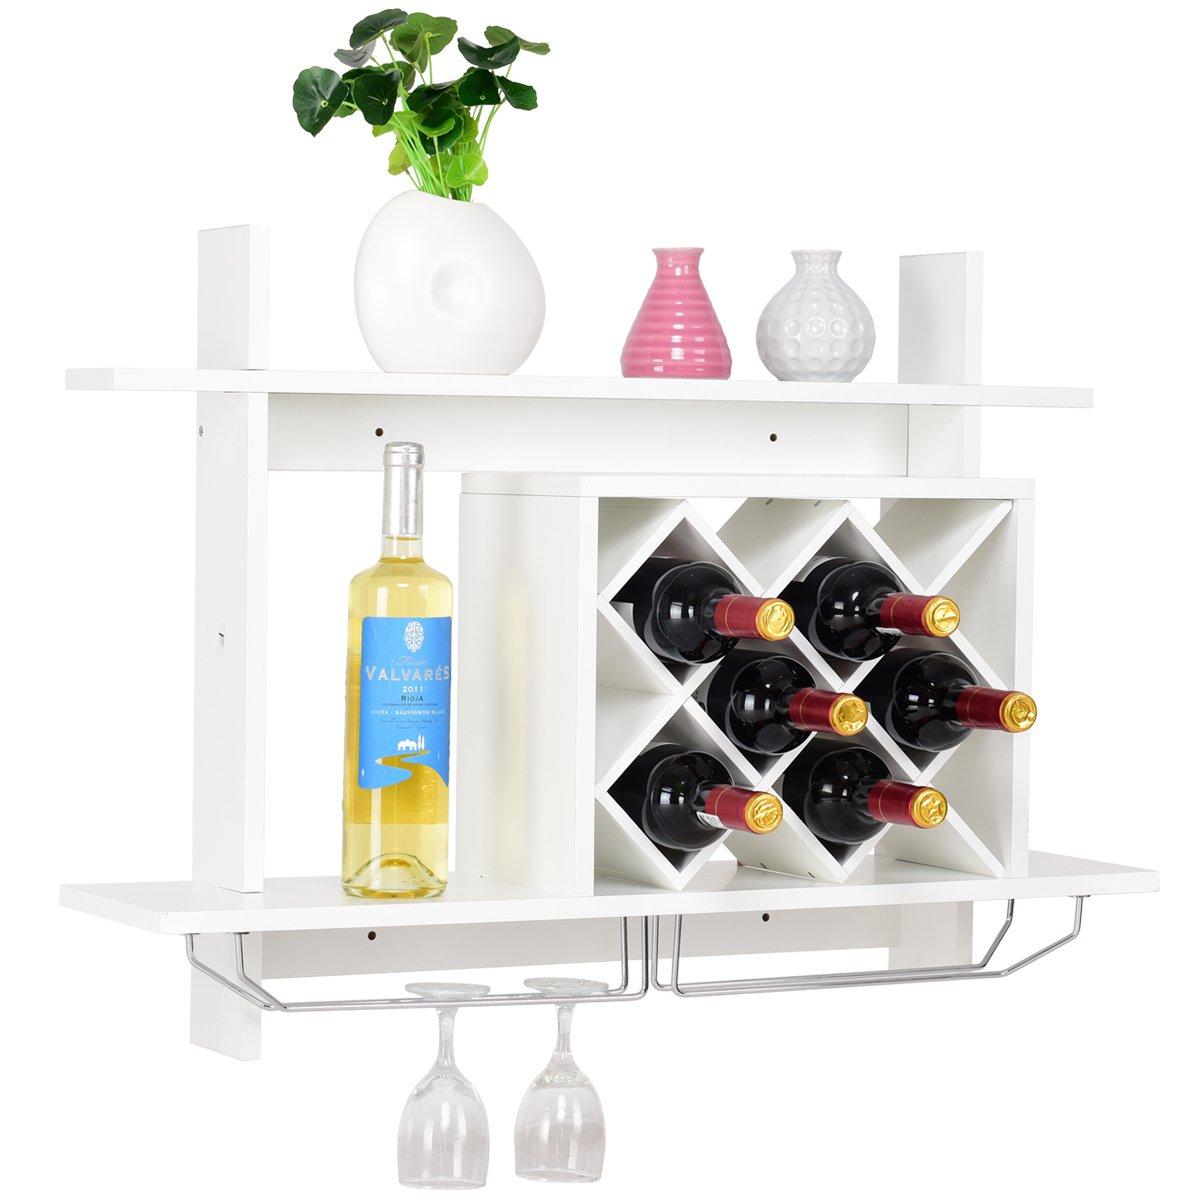 HOMCOM Weinschrank Weinst/änder Weinregal Weinhalter 21 Flaschen 3 Stauf/ächer Schwarz Braun L74 x B30,5 x H99 cm